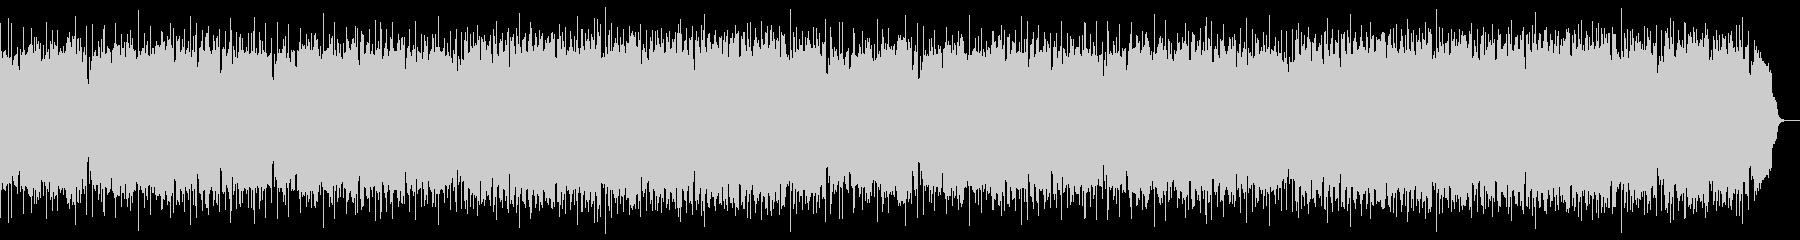 SAX演奏のゆっくりめの爽やかなボサノバの未再生の波形